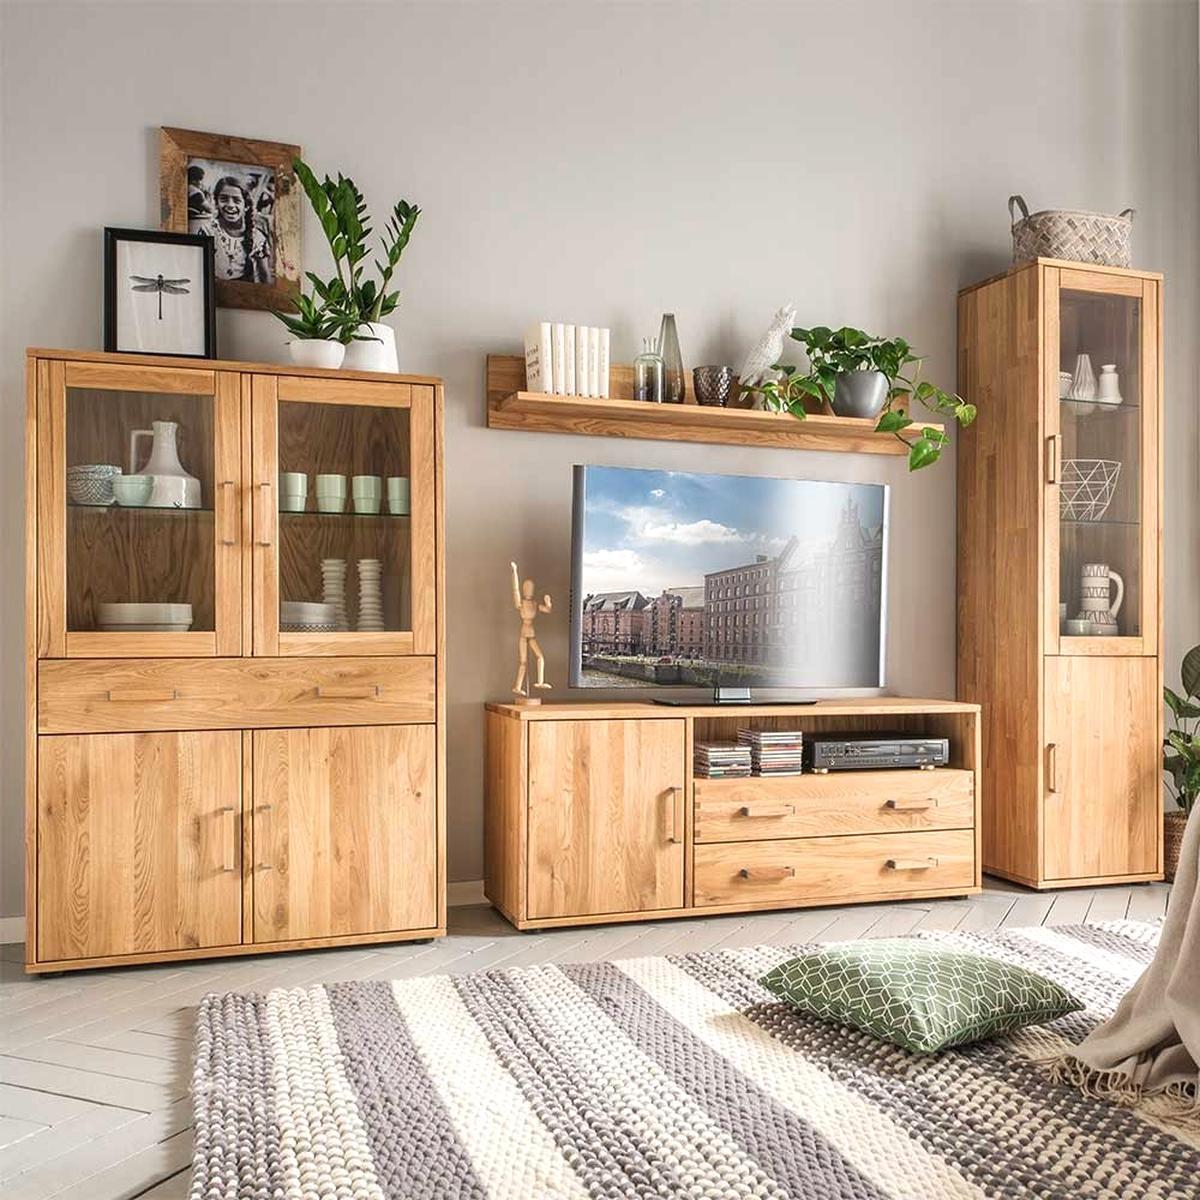 Wohnzimmer Mobel Eiche gebraucht kaufen! Nur 10 St. bis -10% günstiger